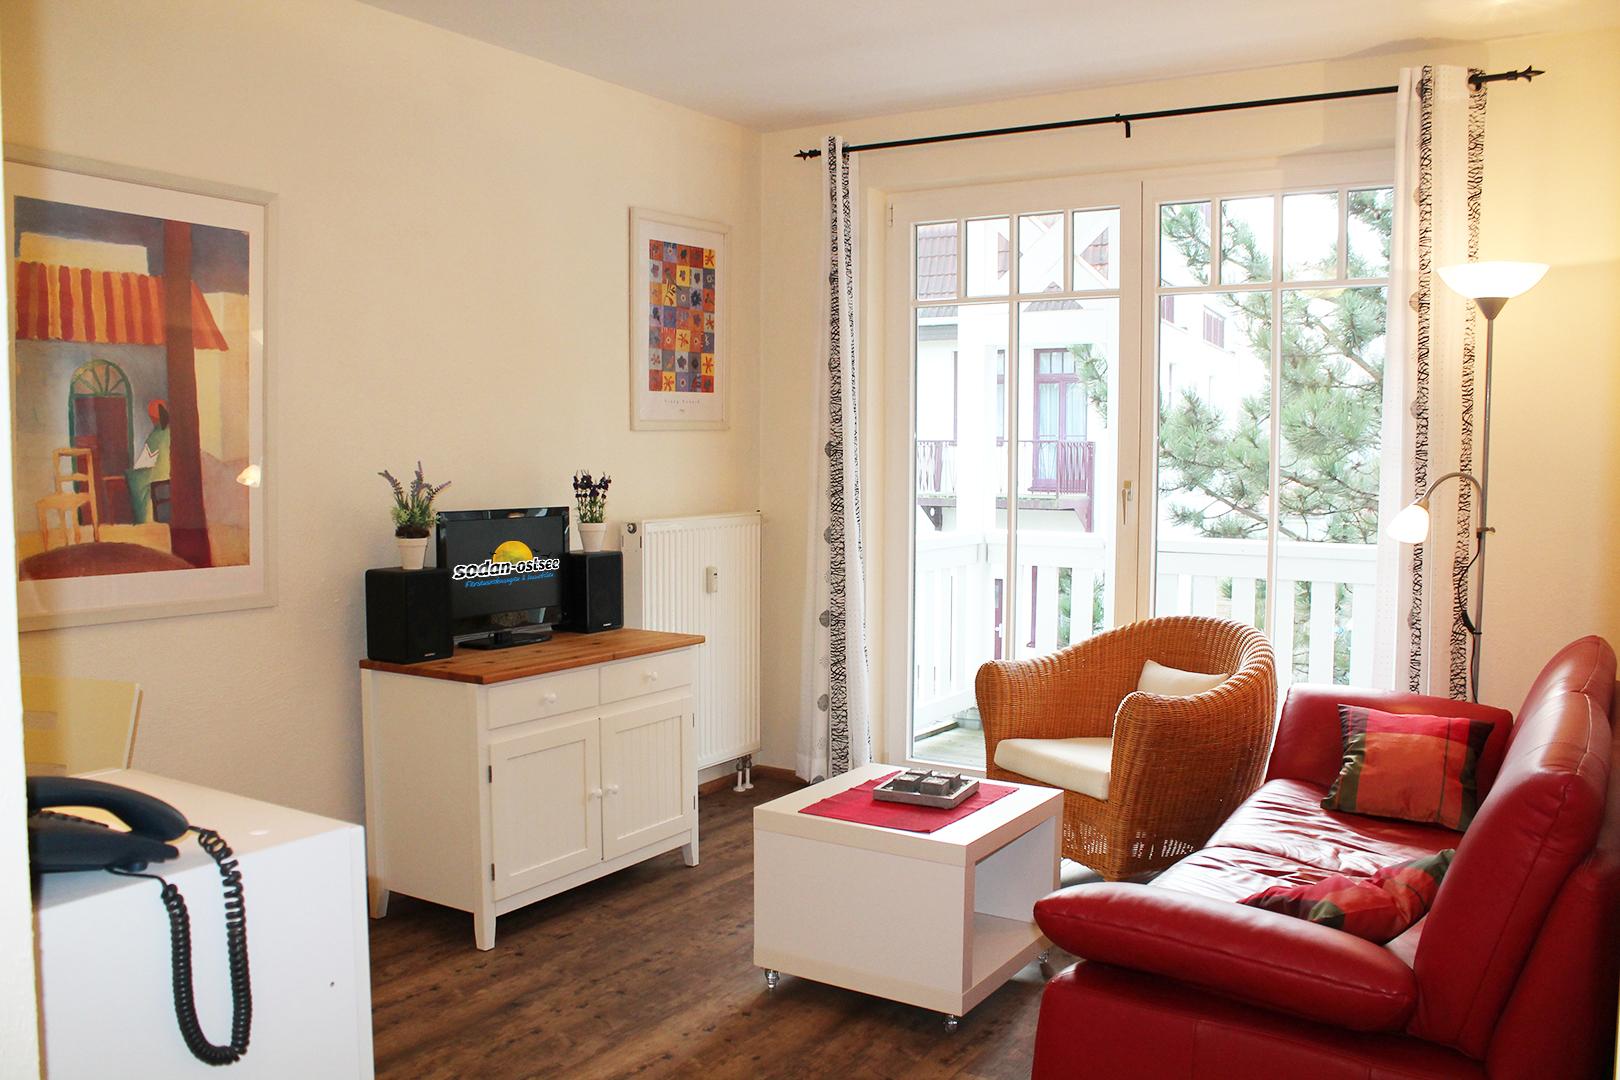 2 zimmer 2 zimmer in ostseebad k hlungsborn bis 2 personen sodan ostsee. Black Bedroom Furniture Sets. Home Design Ideas